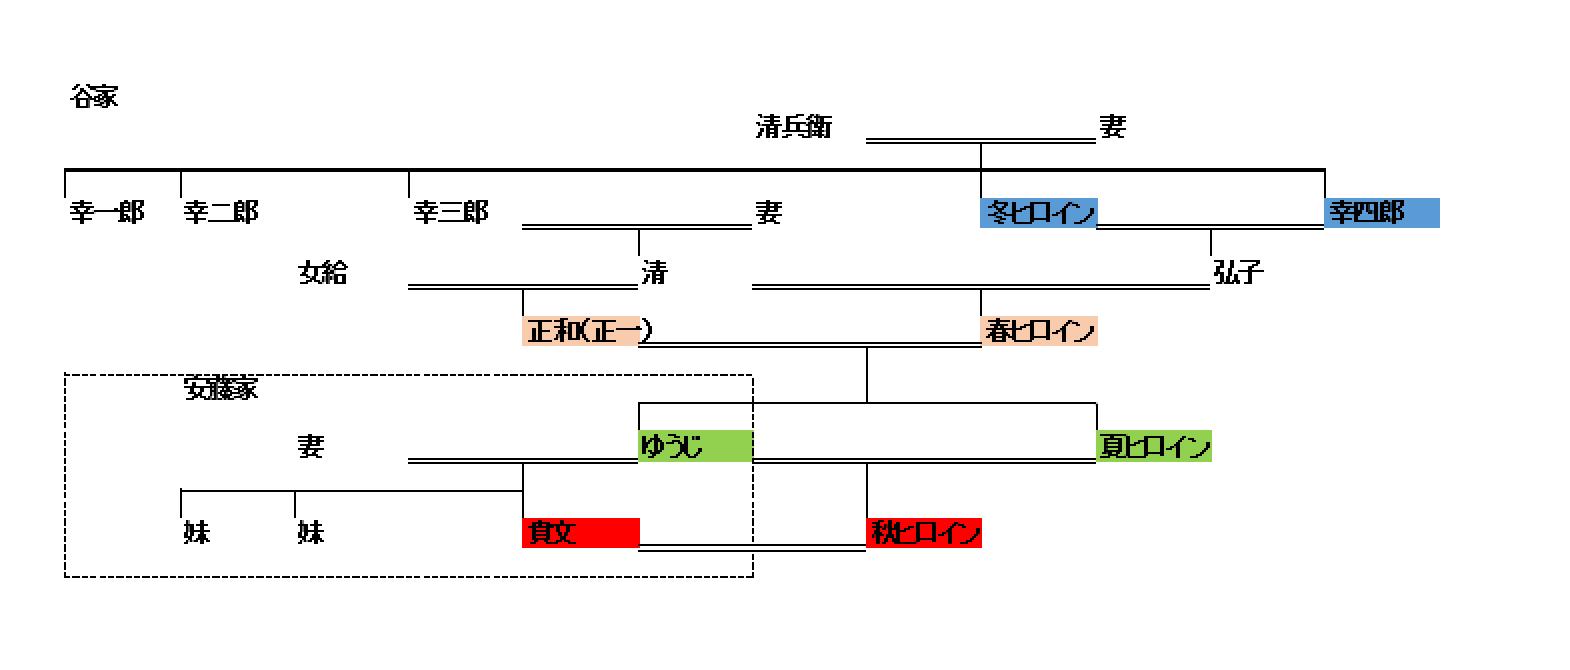 家 松本 系図 幸四郎